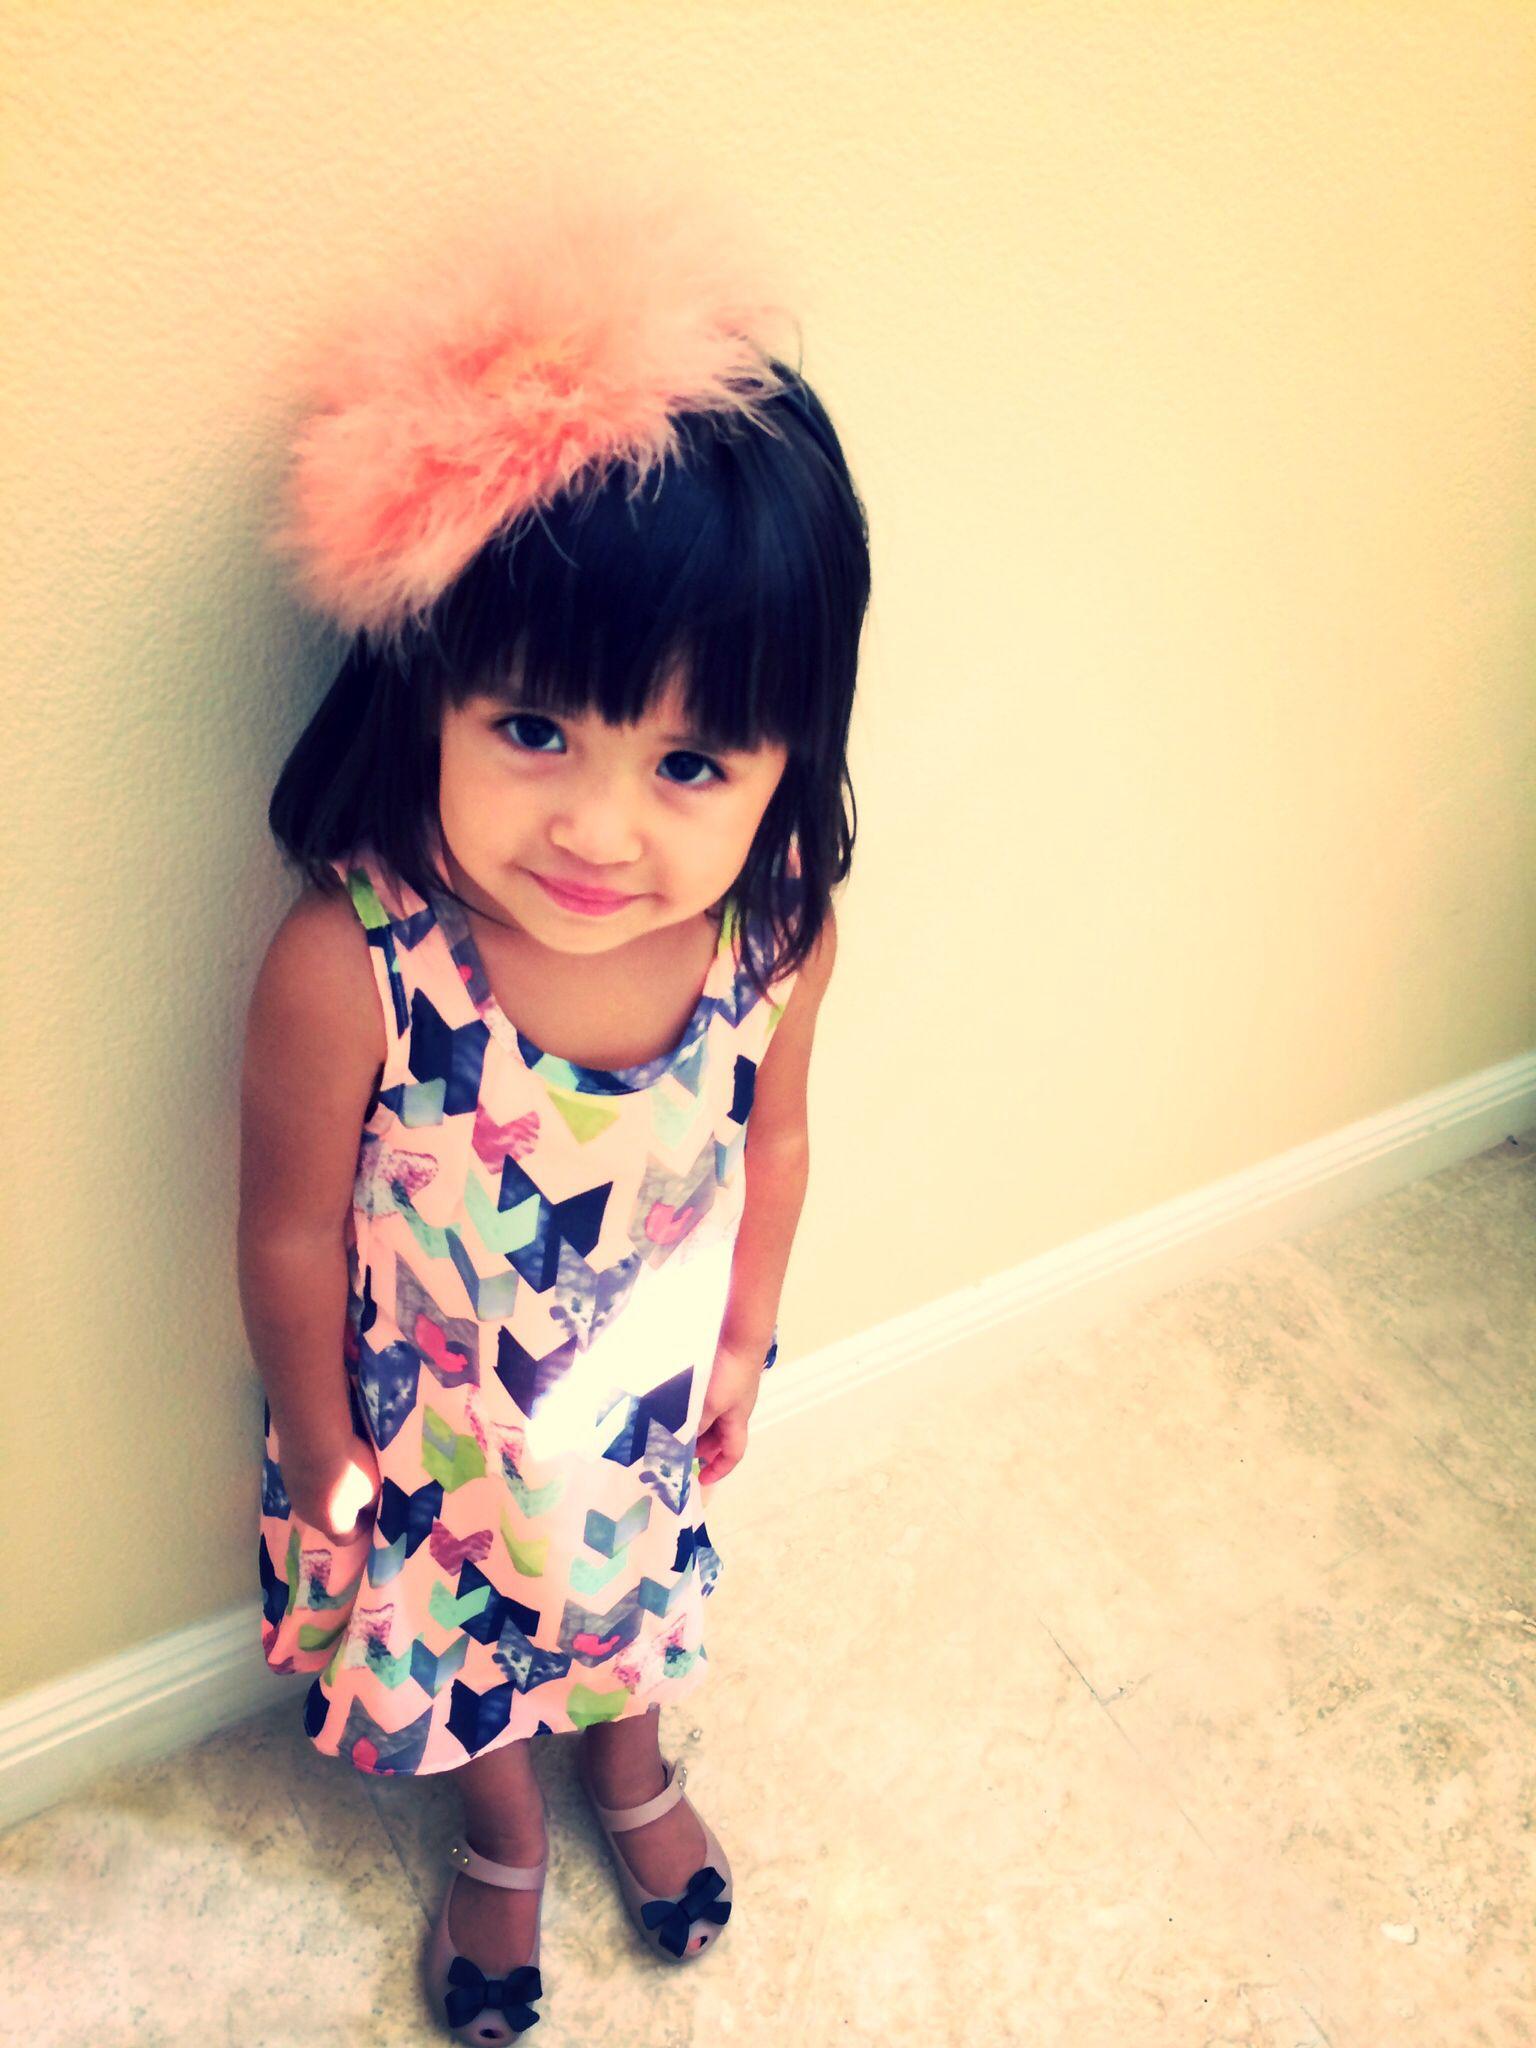 Kids chiffon pink arrow dress u powder puff headband to match to